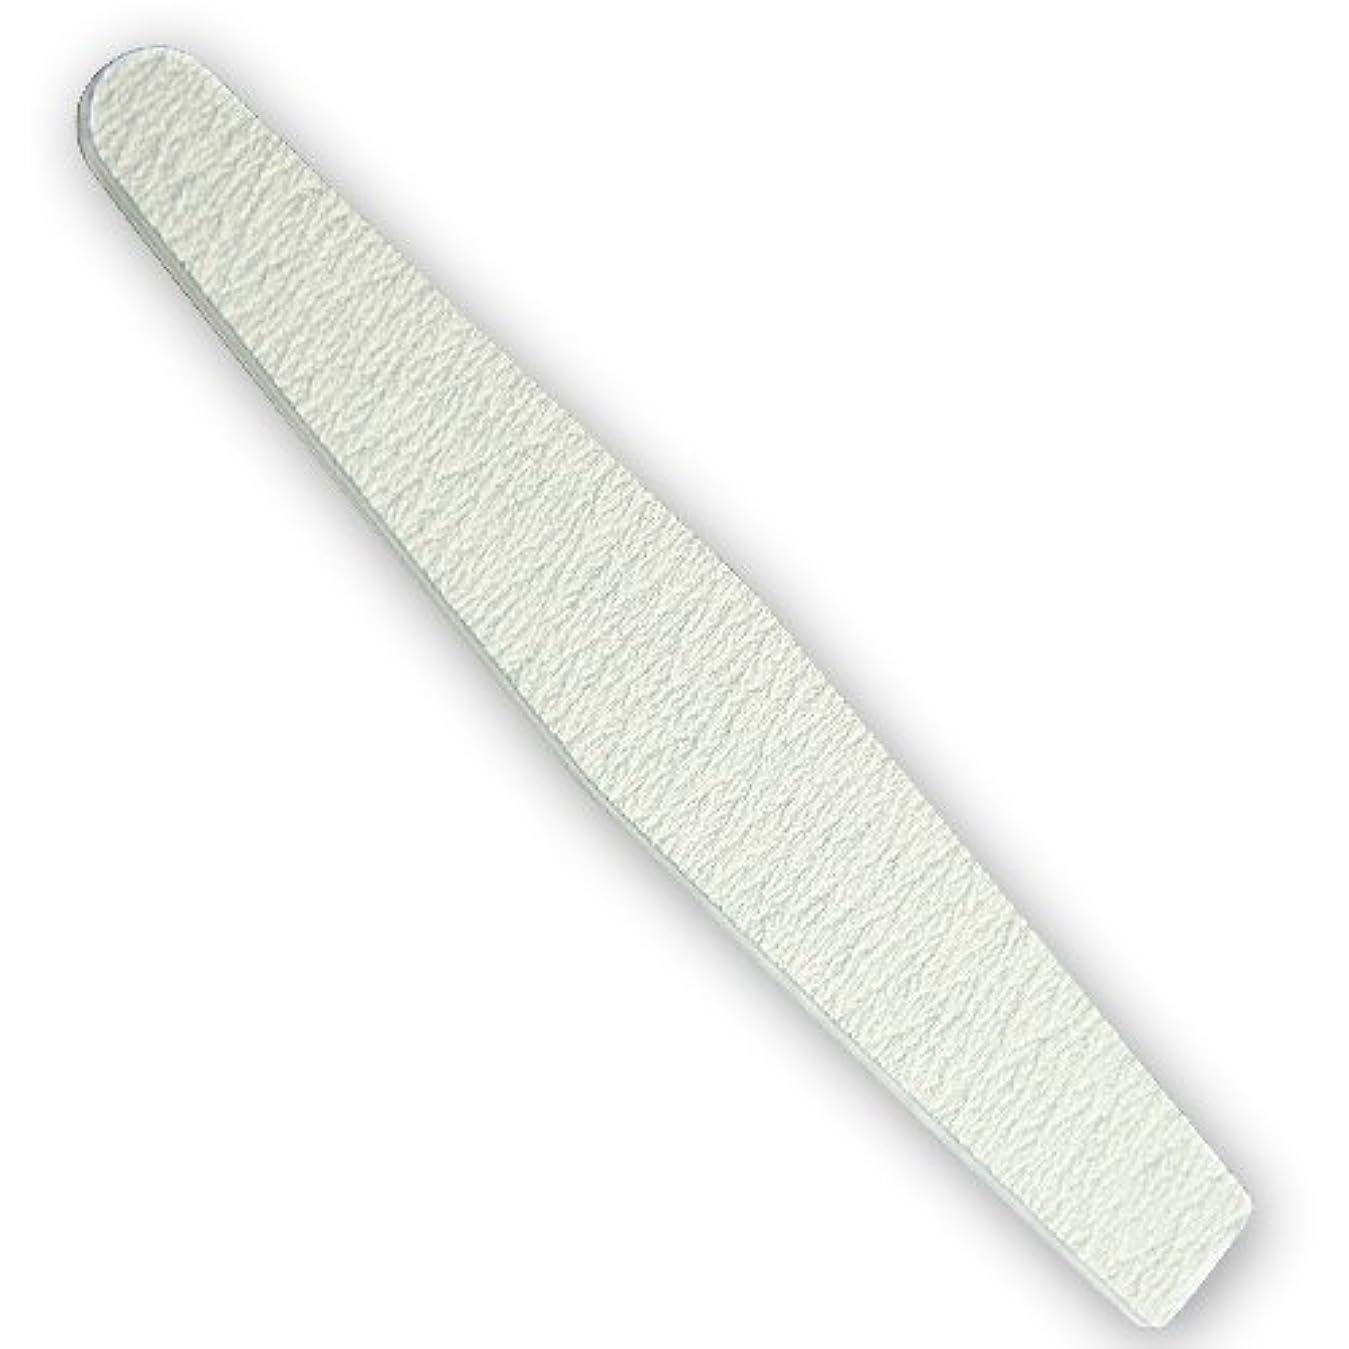 散らす改修共和党ジェルネイル用ファイル100/180(爪やすり)シンプルで使いやすい